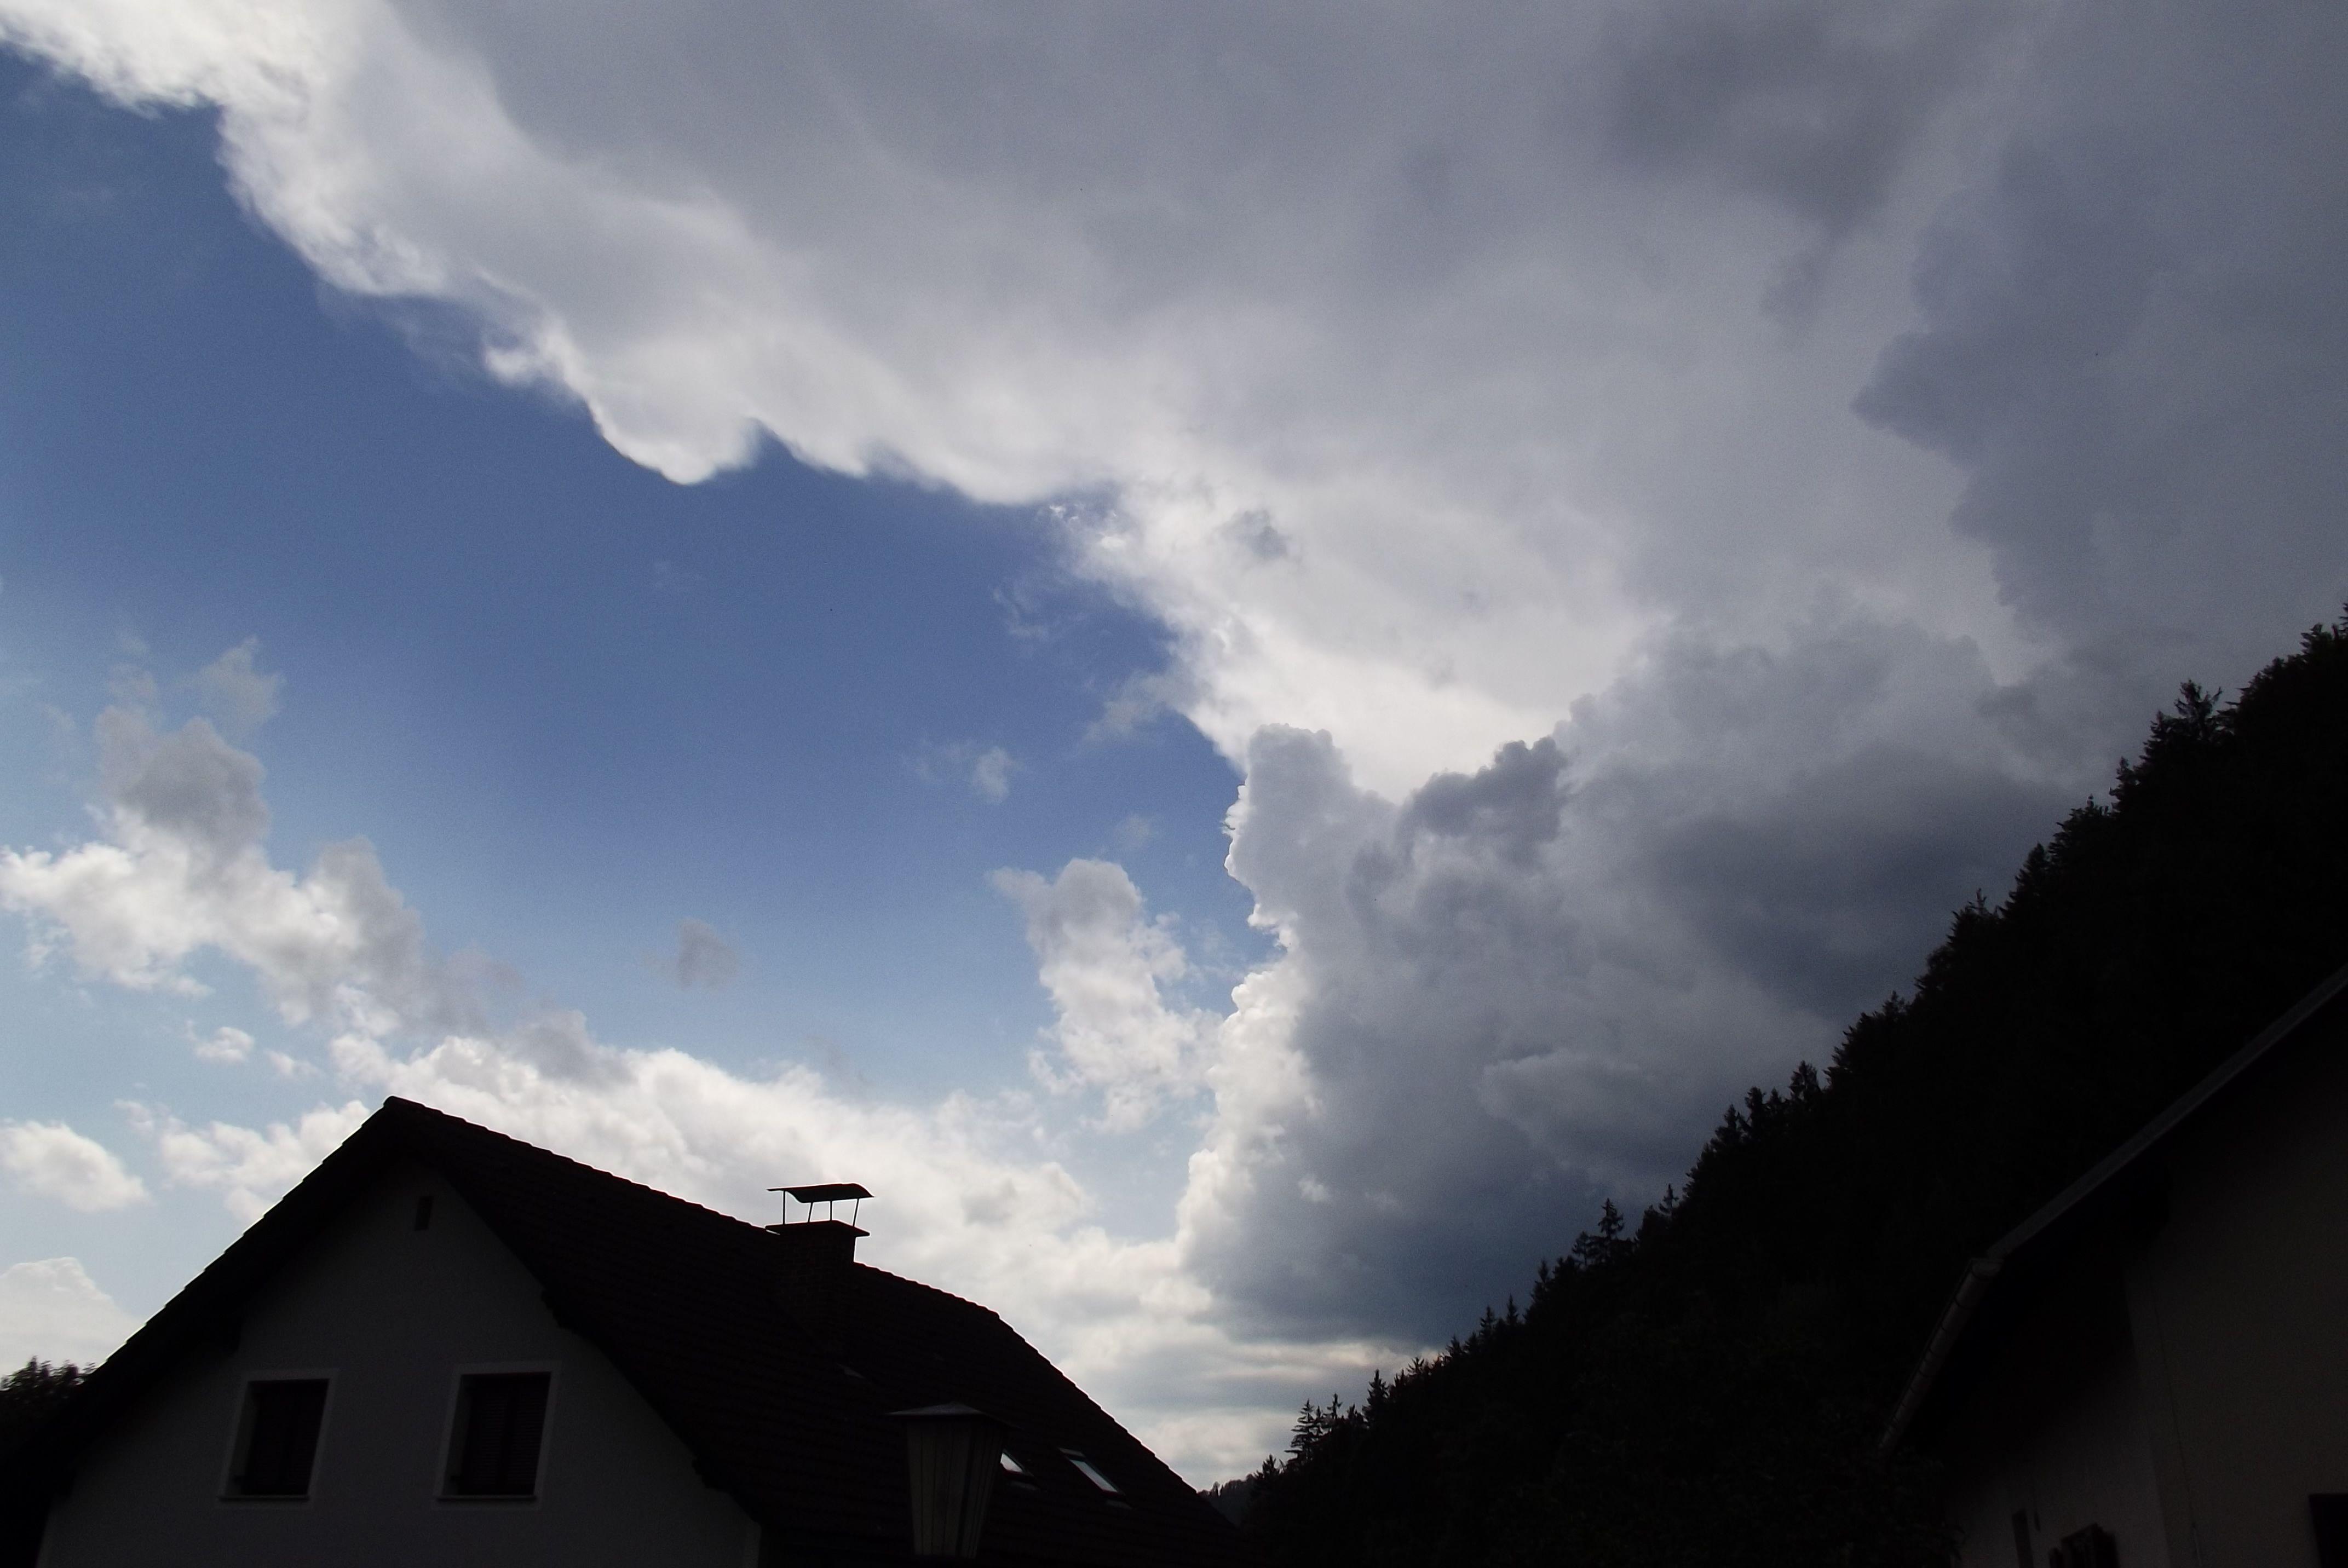 05.07.2014 - Eisschirm Wärmegewitter @ BZ Graz-Umgebung (STMK)